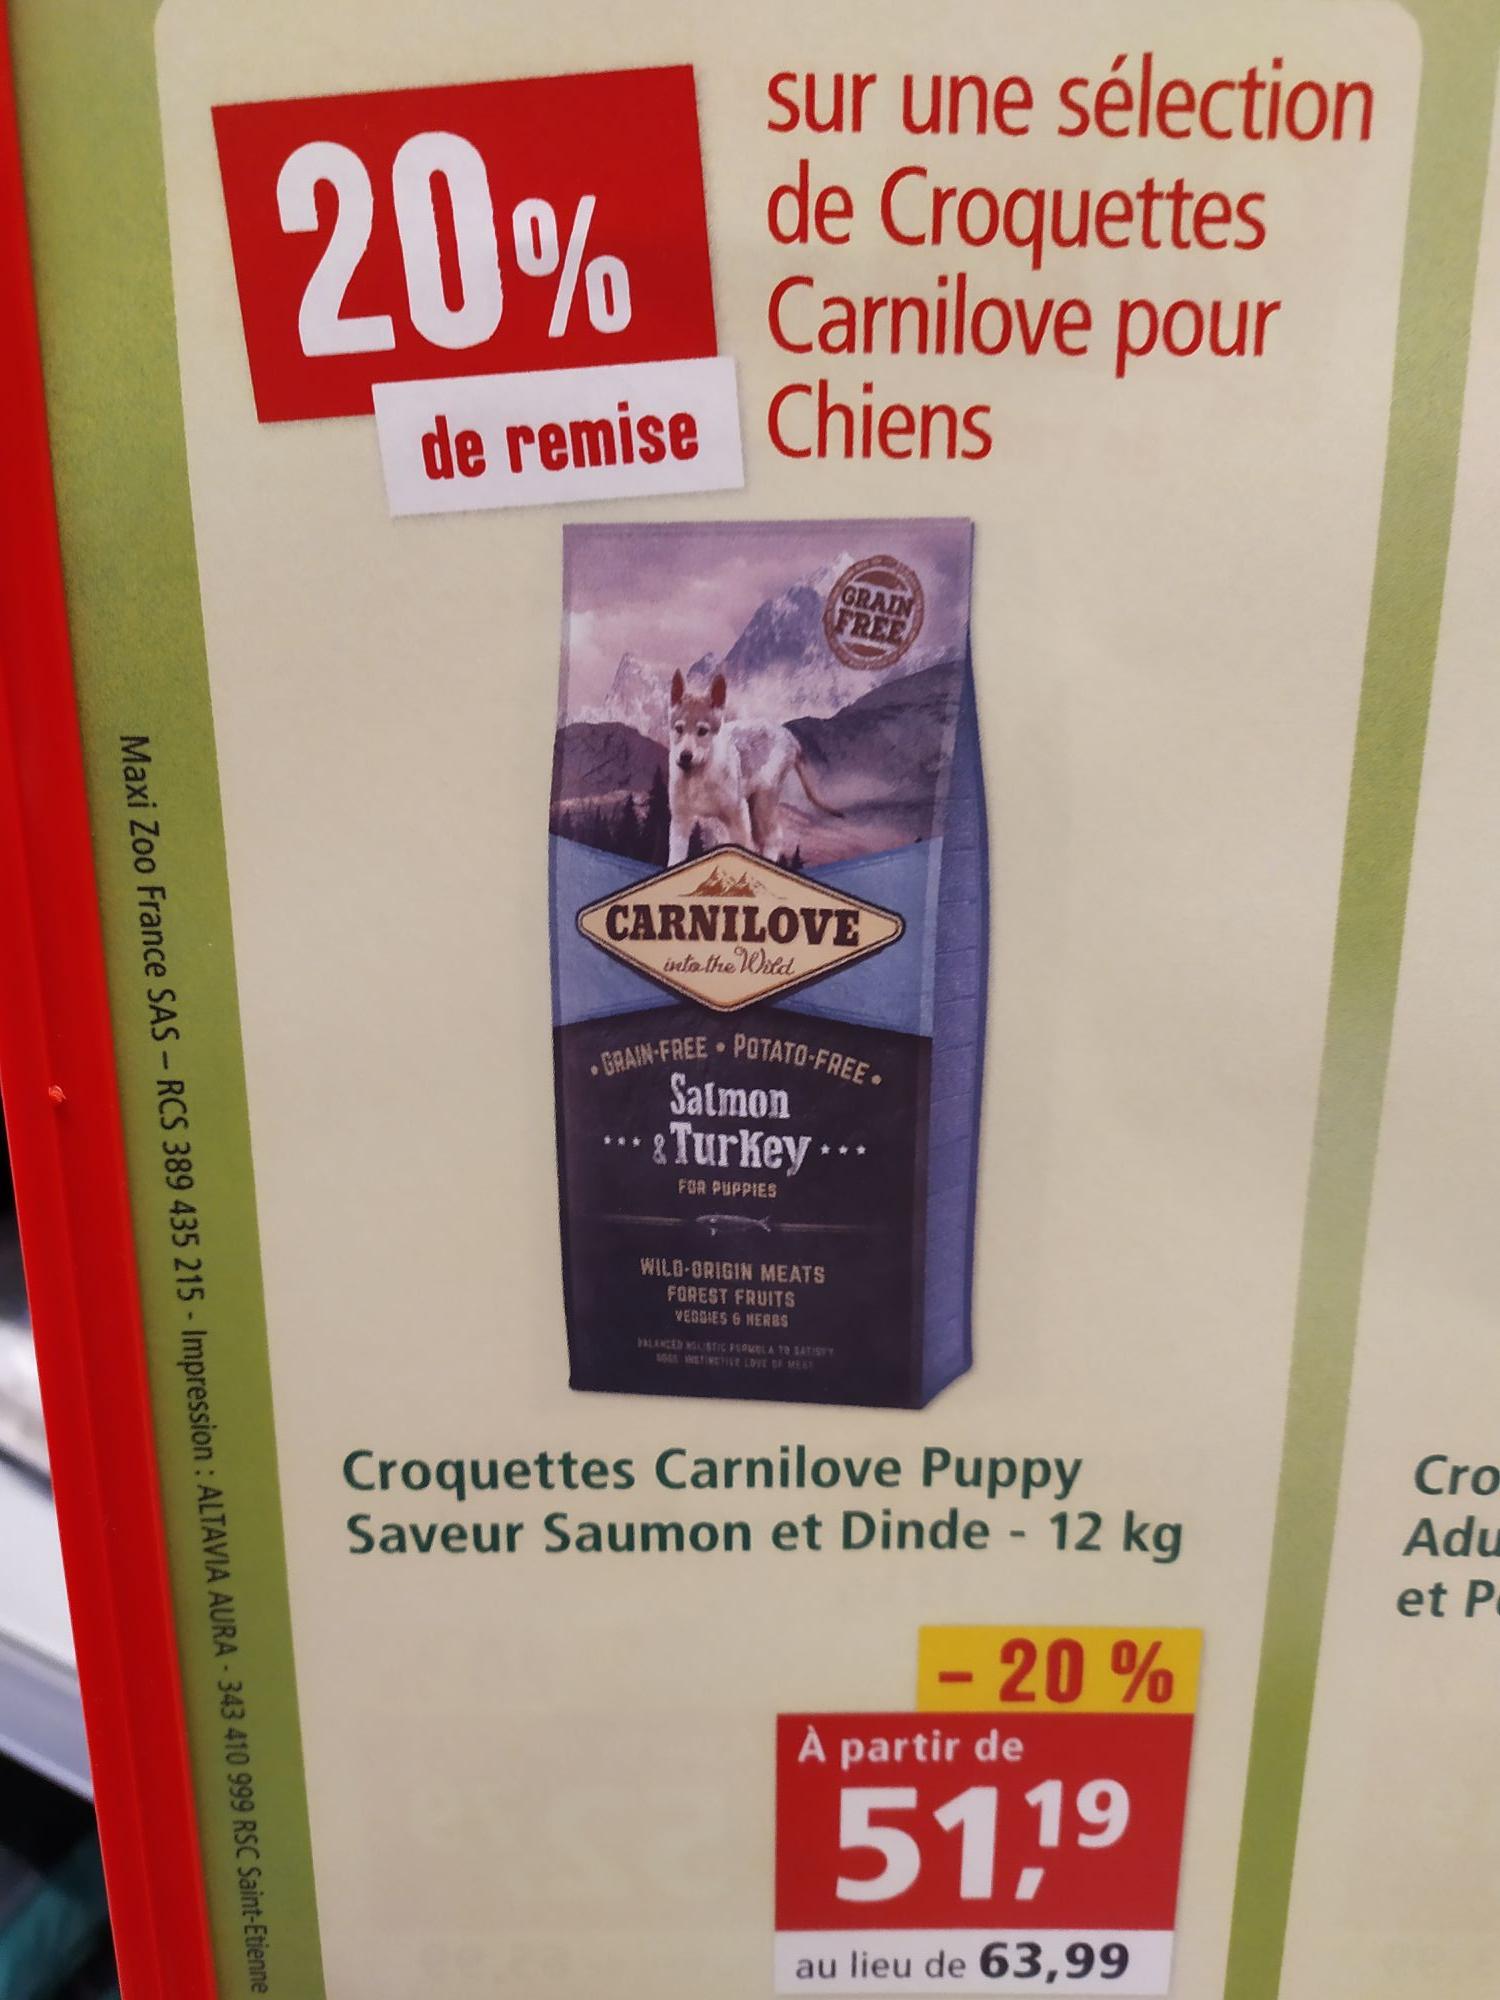 Sac de Croquettes Carnilove pour Chiens - 12Kg - Maxi Zoo Quimper & Fouesnant (29)